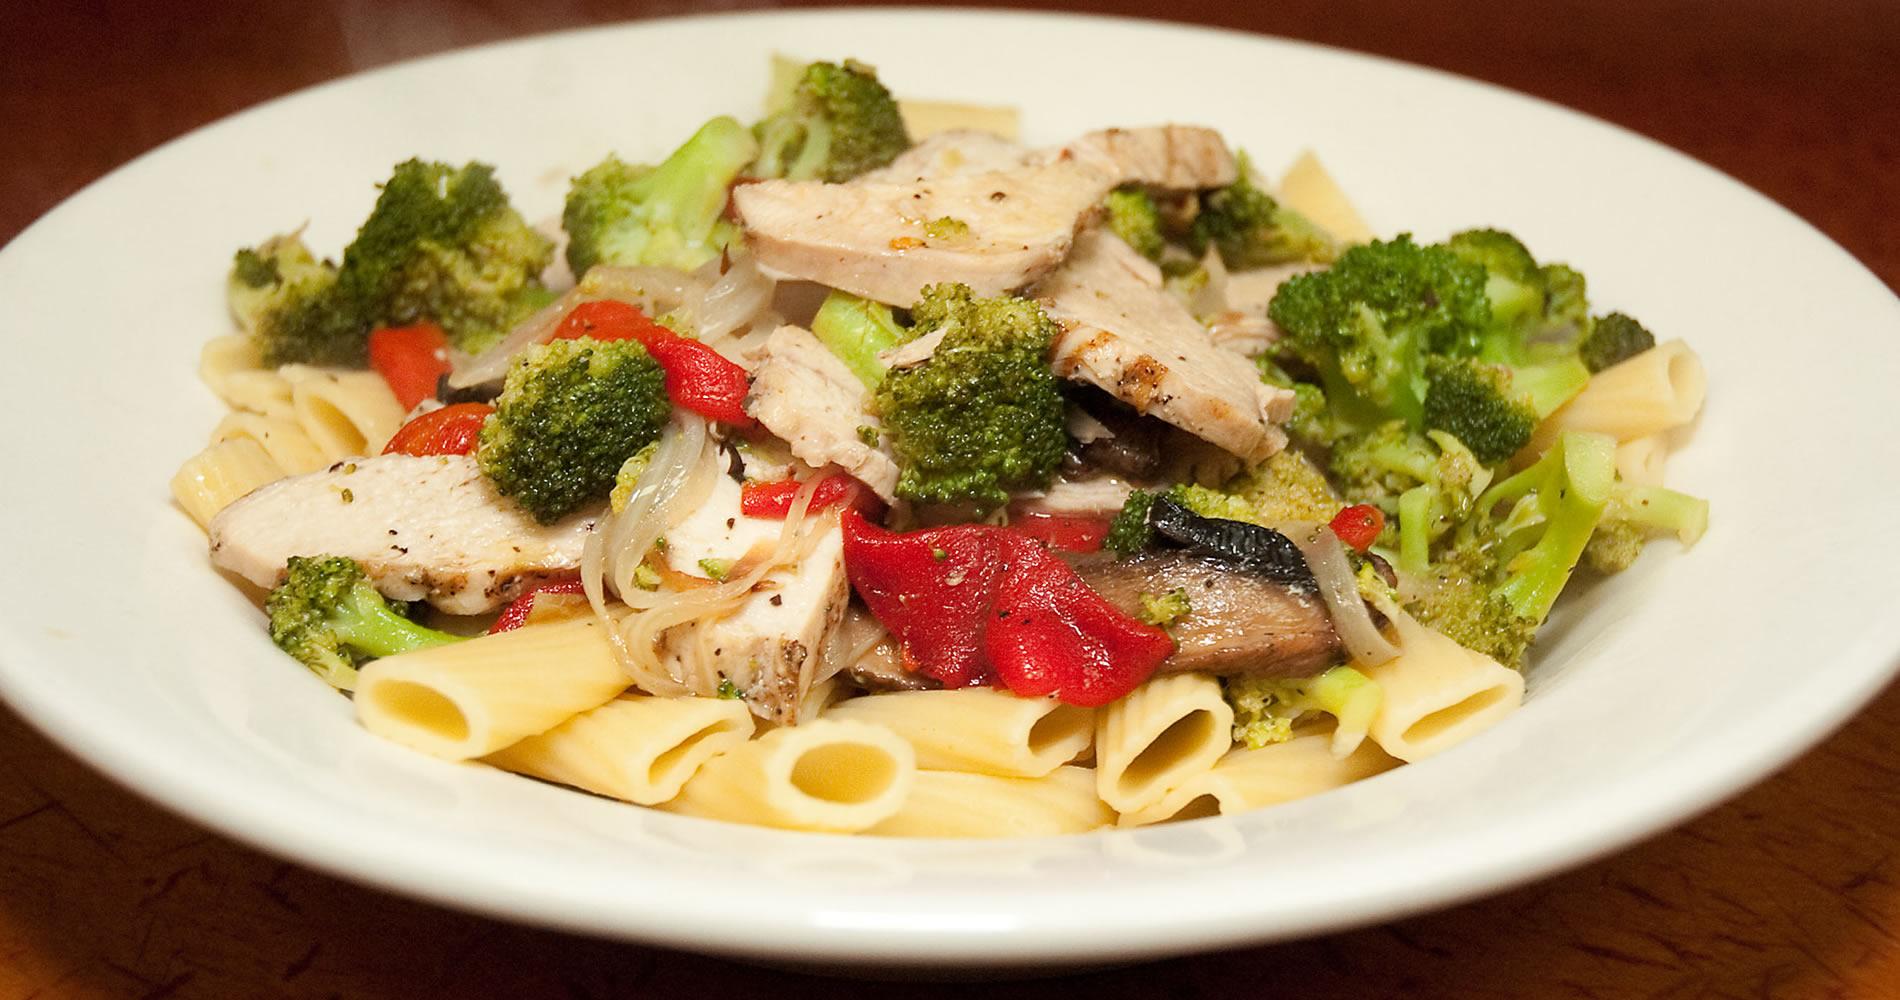 Restorante' Italiano & Pizza, Pizza & Pasta Restaurant, Dining In, Catering, Delivery